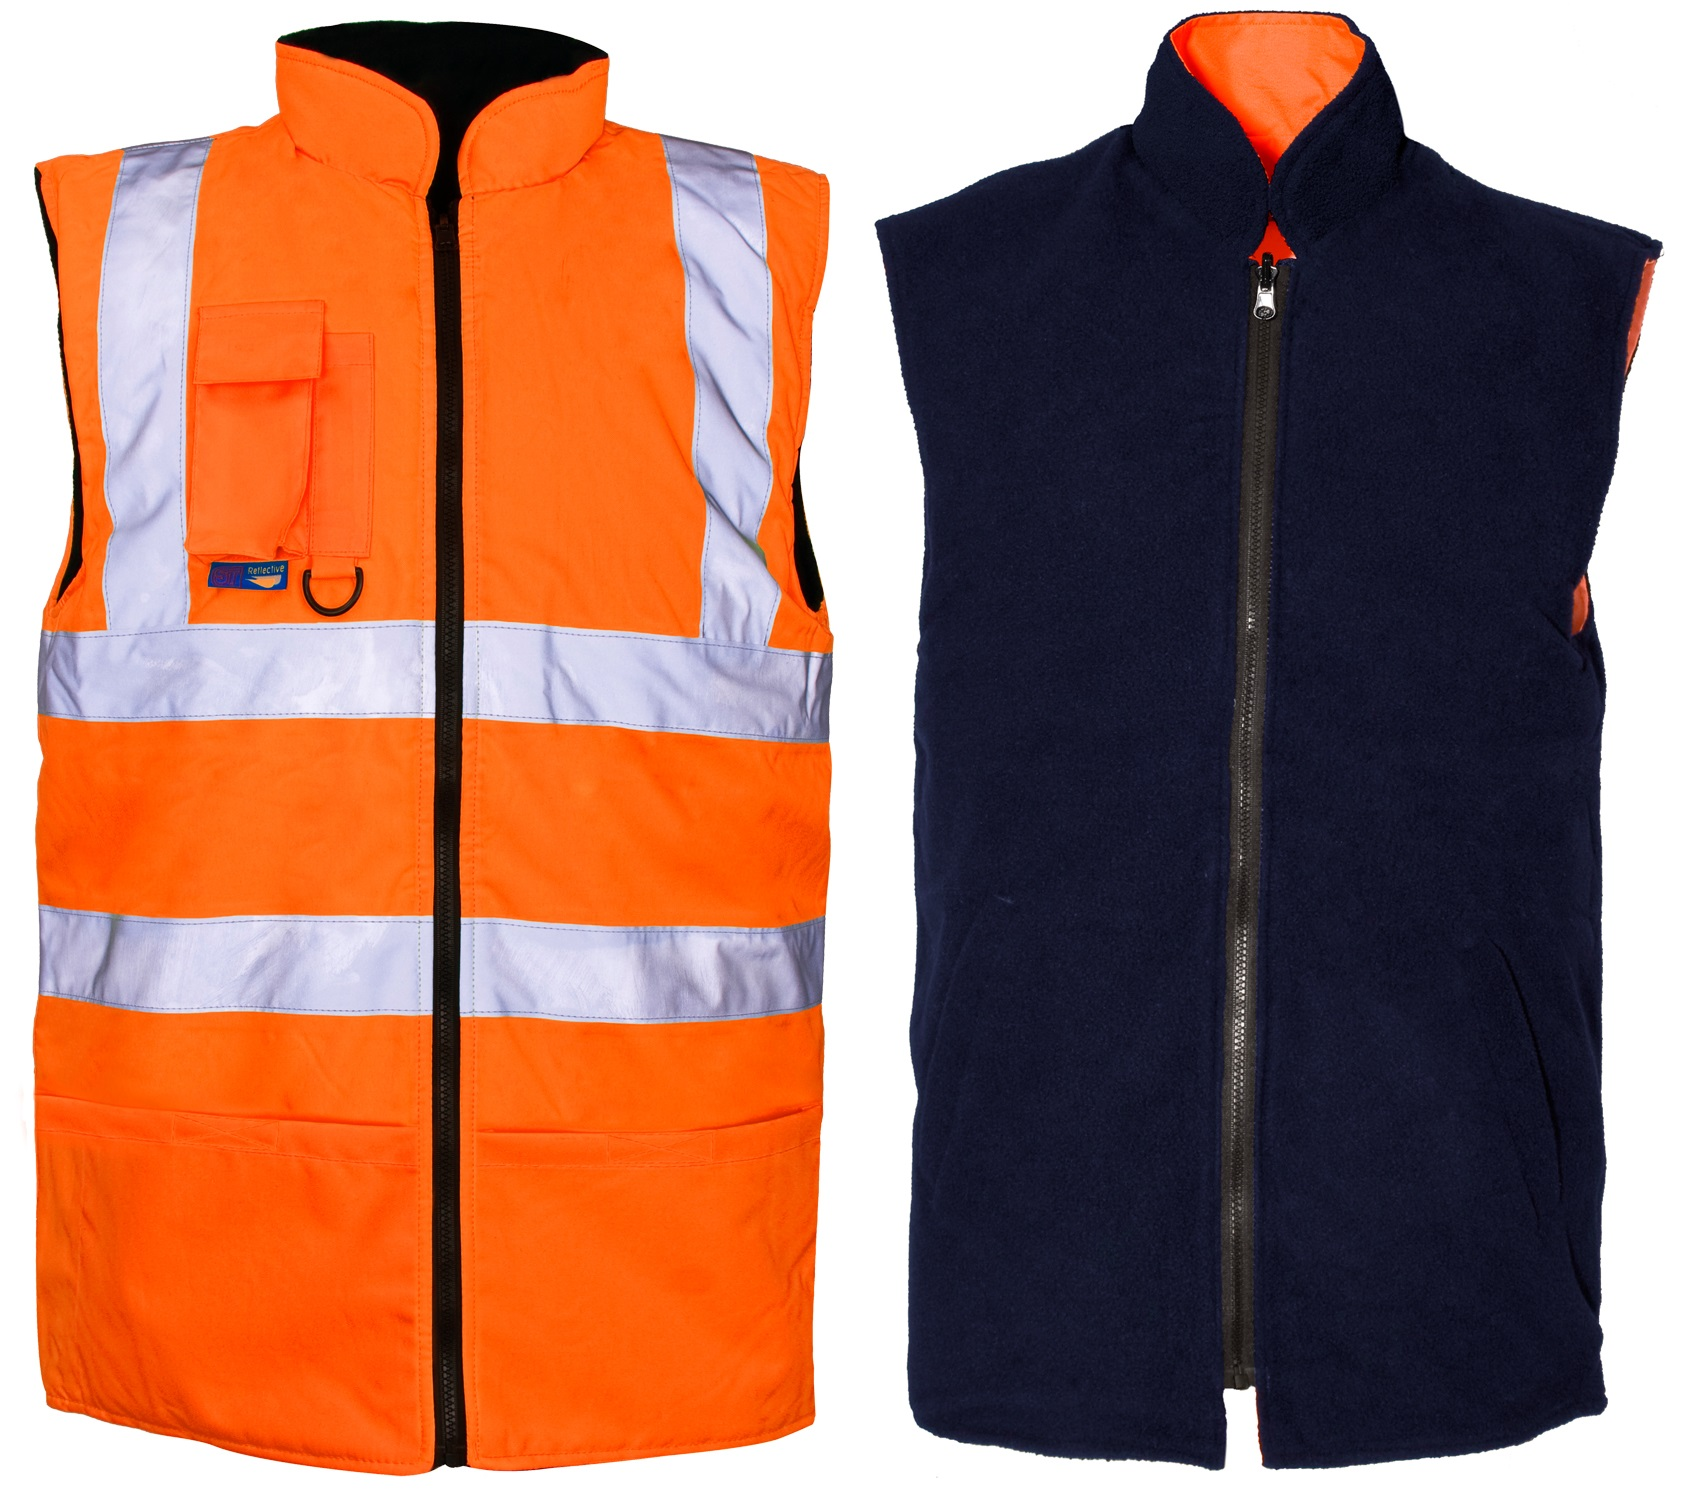 Orange Hivis Reversible Bodywarmer With Navy Fleece Lining.